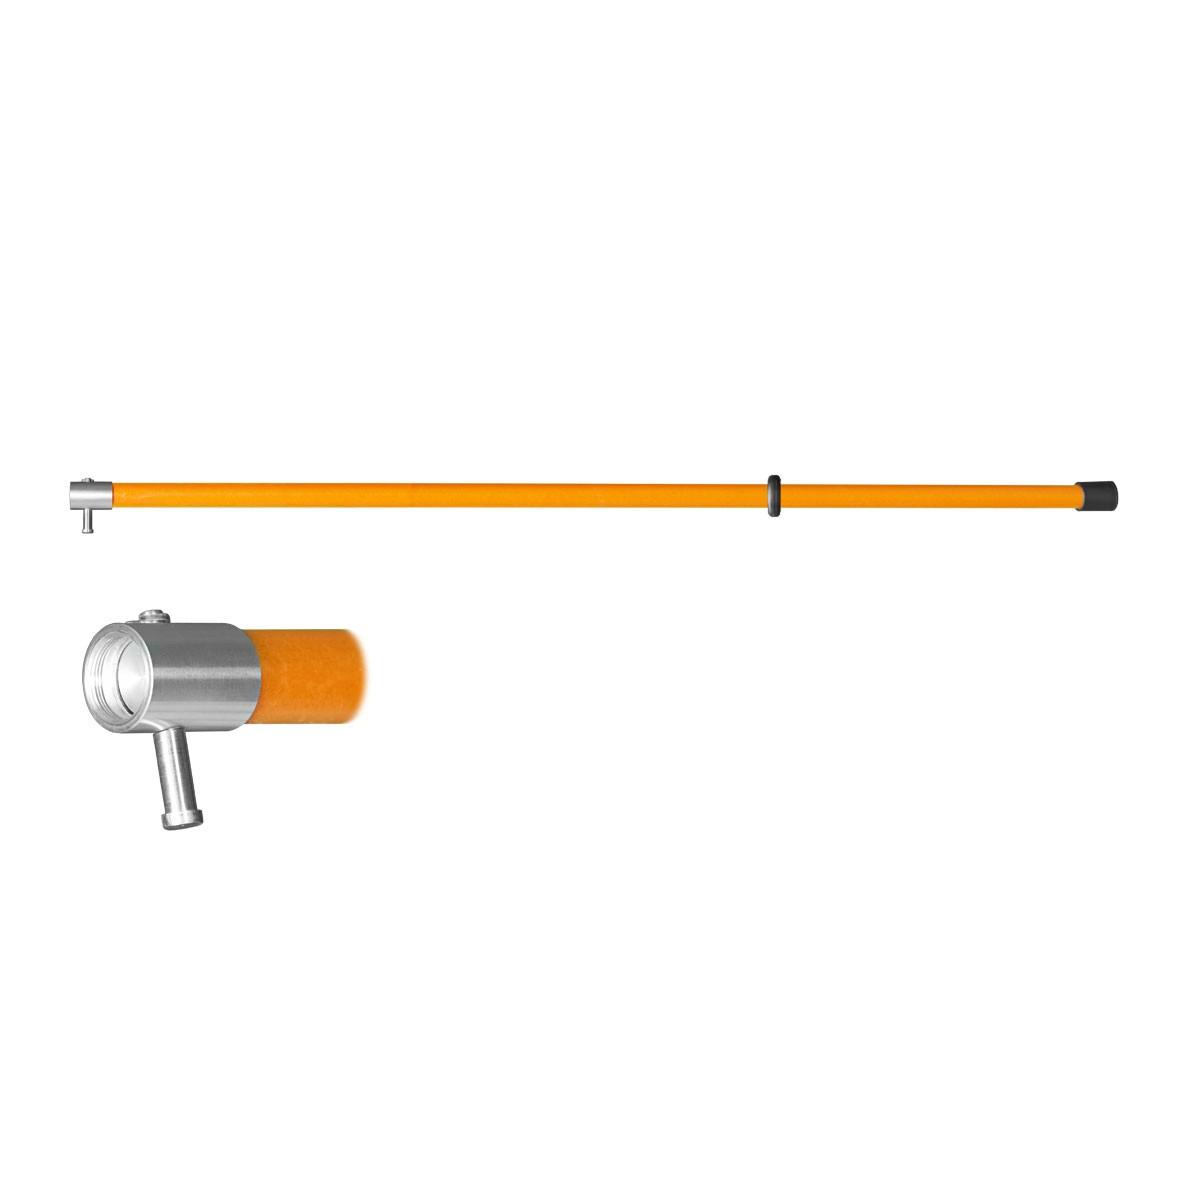 Штанга оперативная изолирующая ШО-110 (Электроприбор)